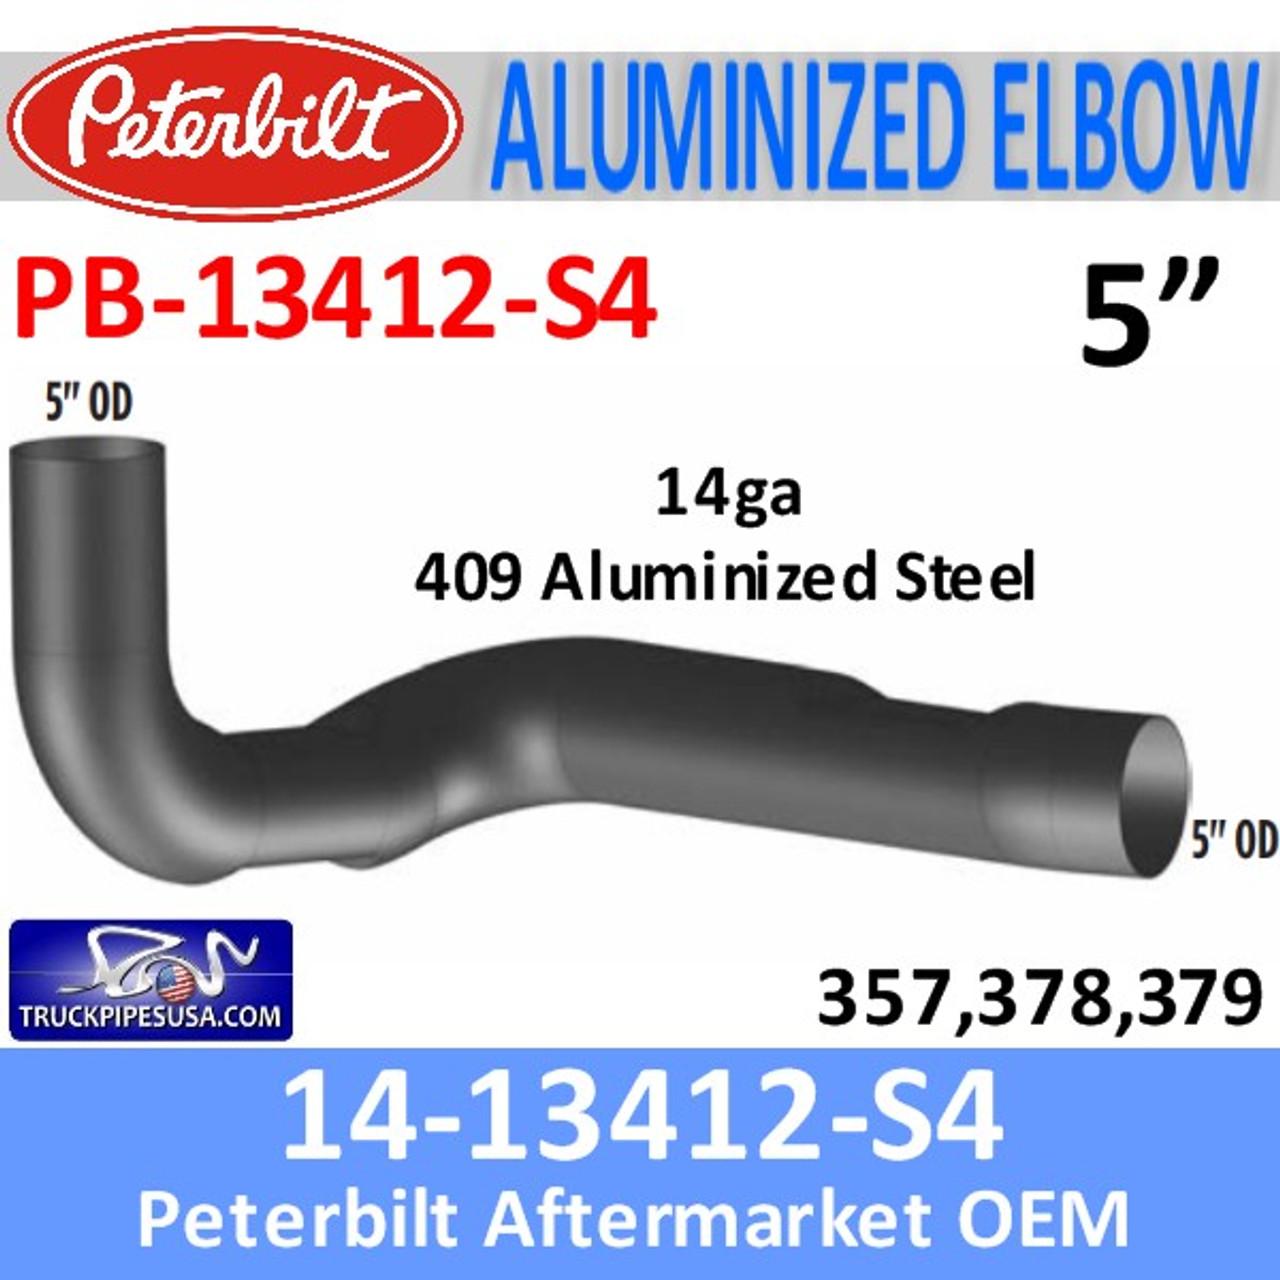 PB-13412-S4 14-13412 Peterbilt 357,378,379 409 SS Elbow PB-13412-S4